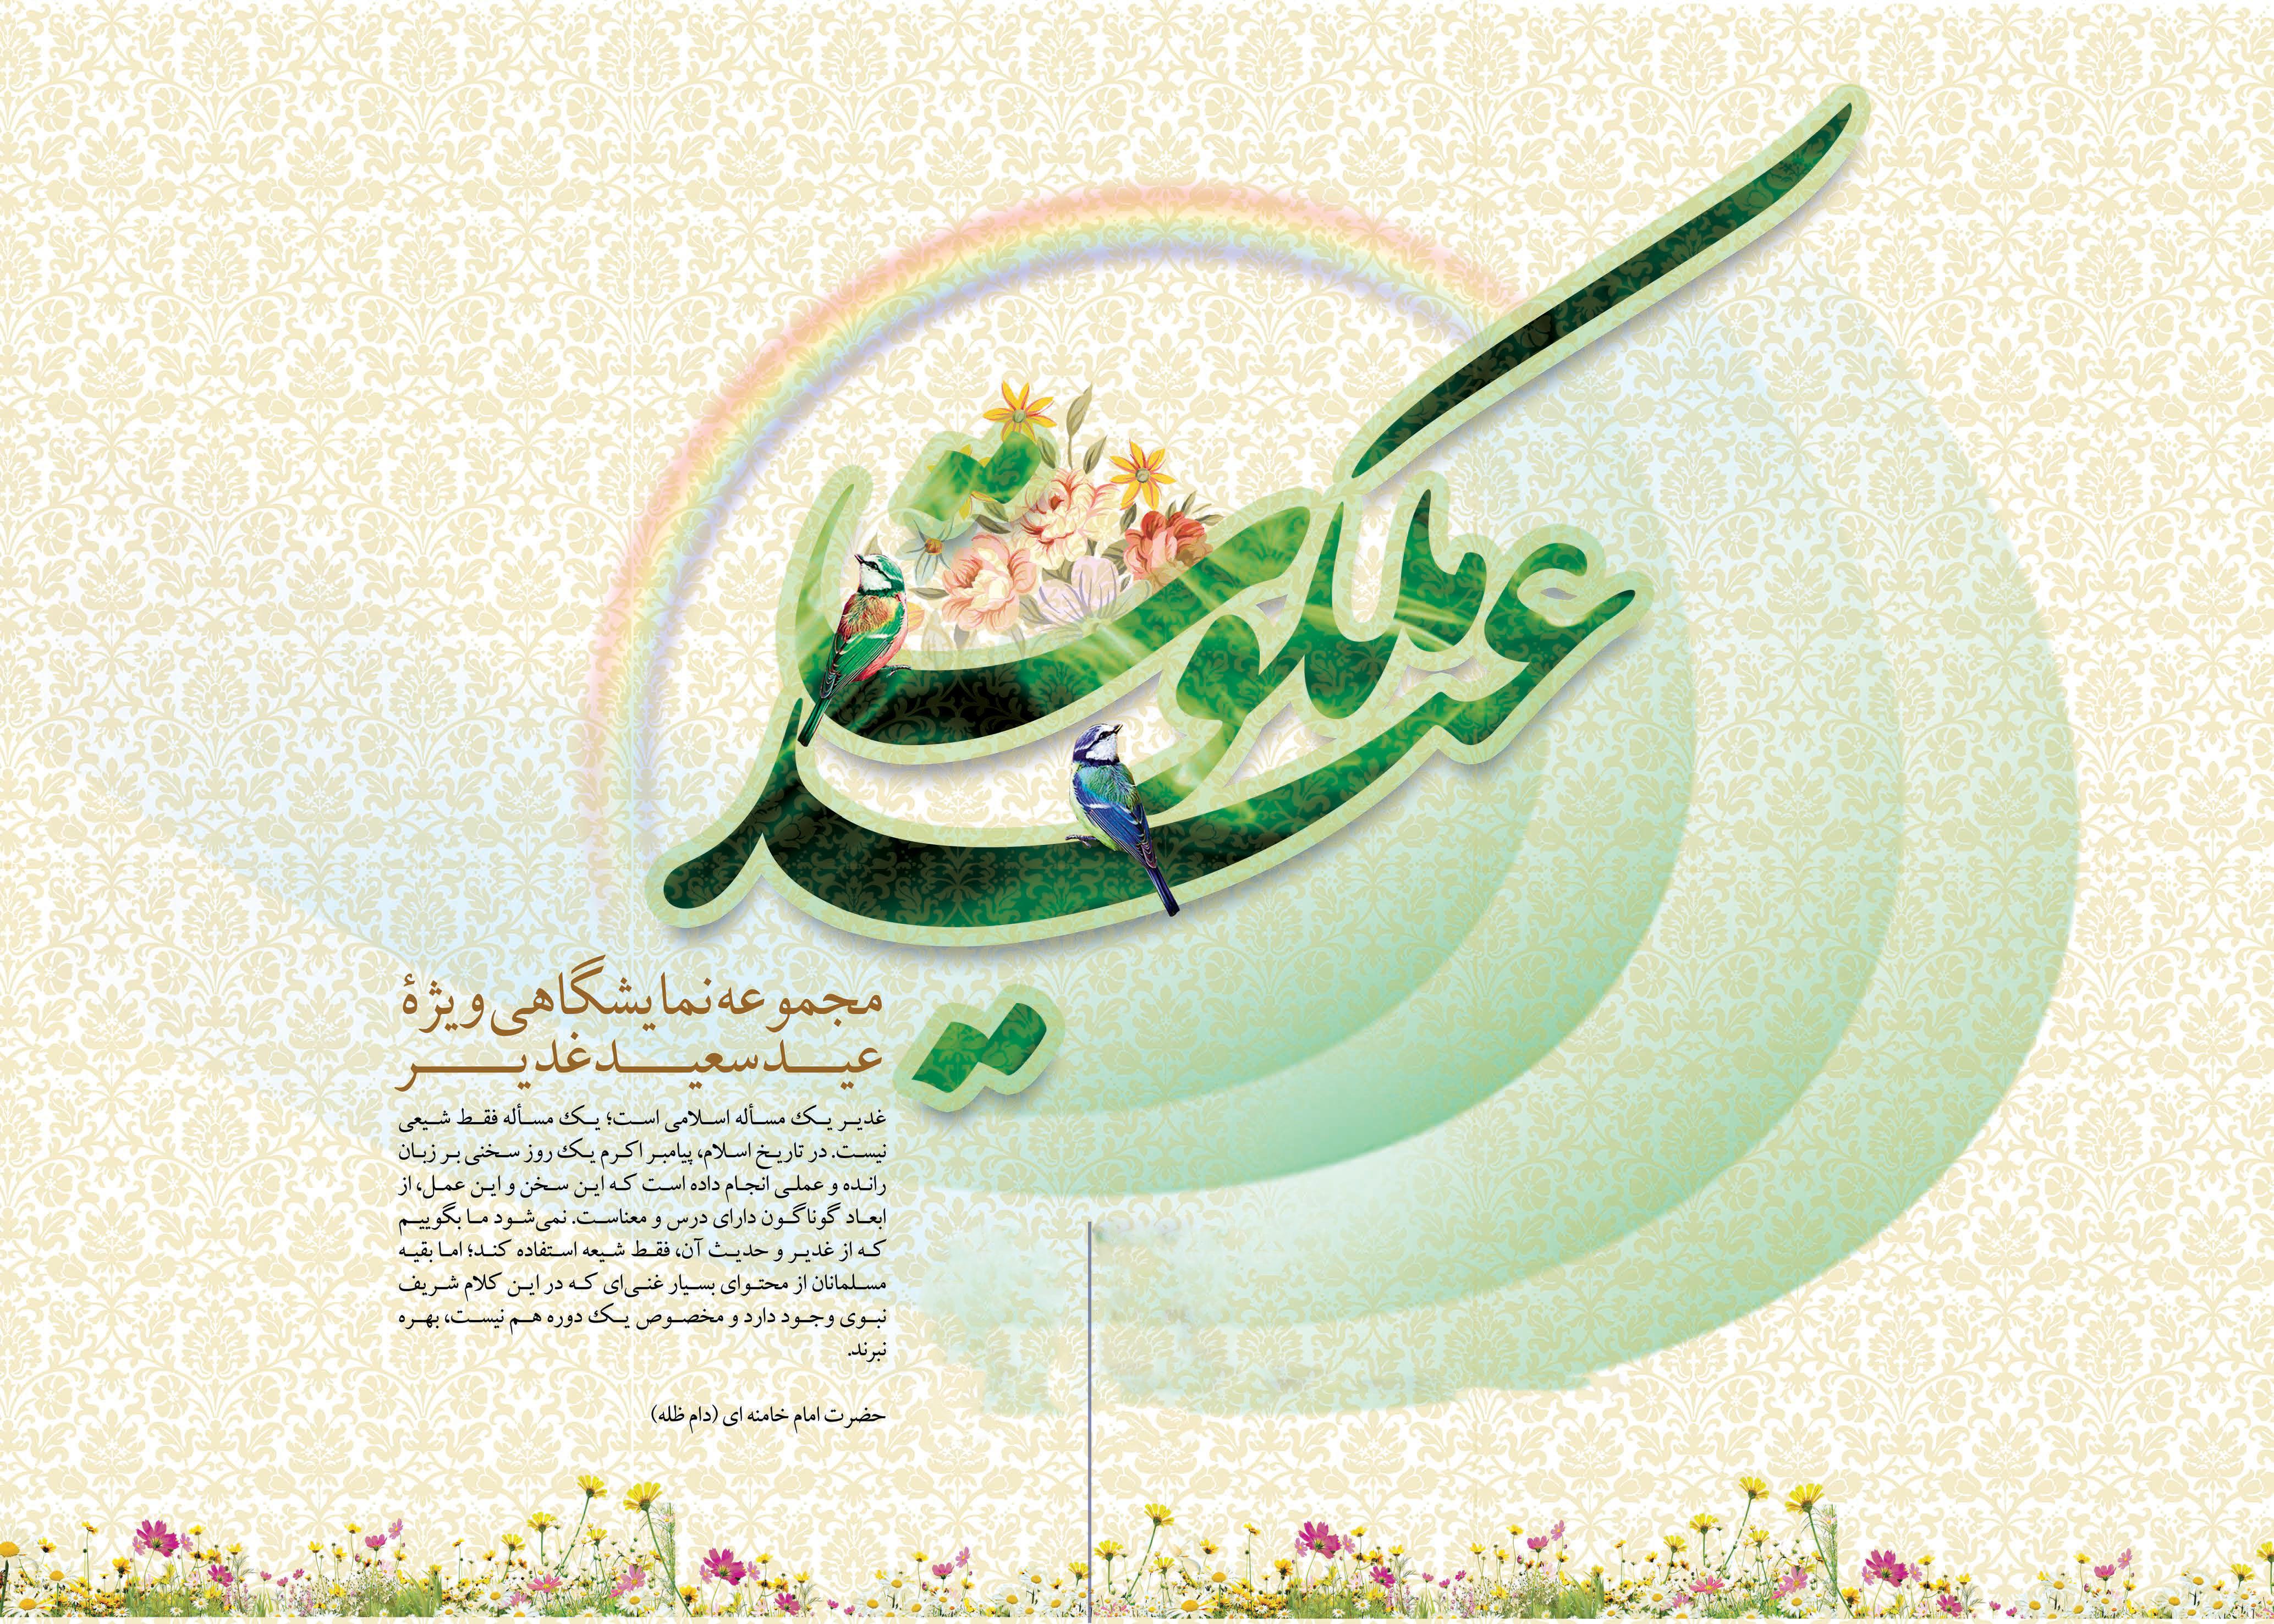 عید ملکوت/ مجموعه ویژه عید سعید غدیر خم